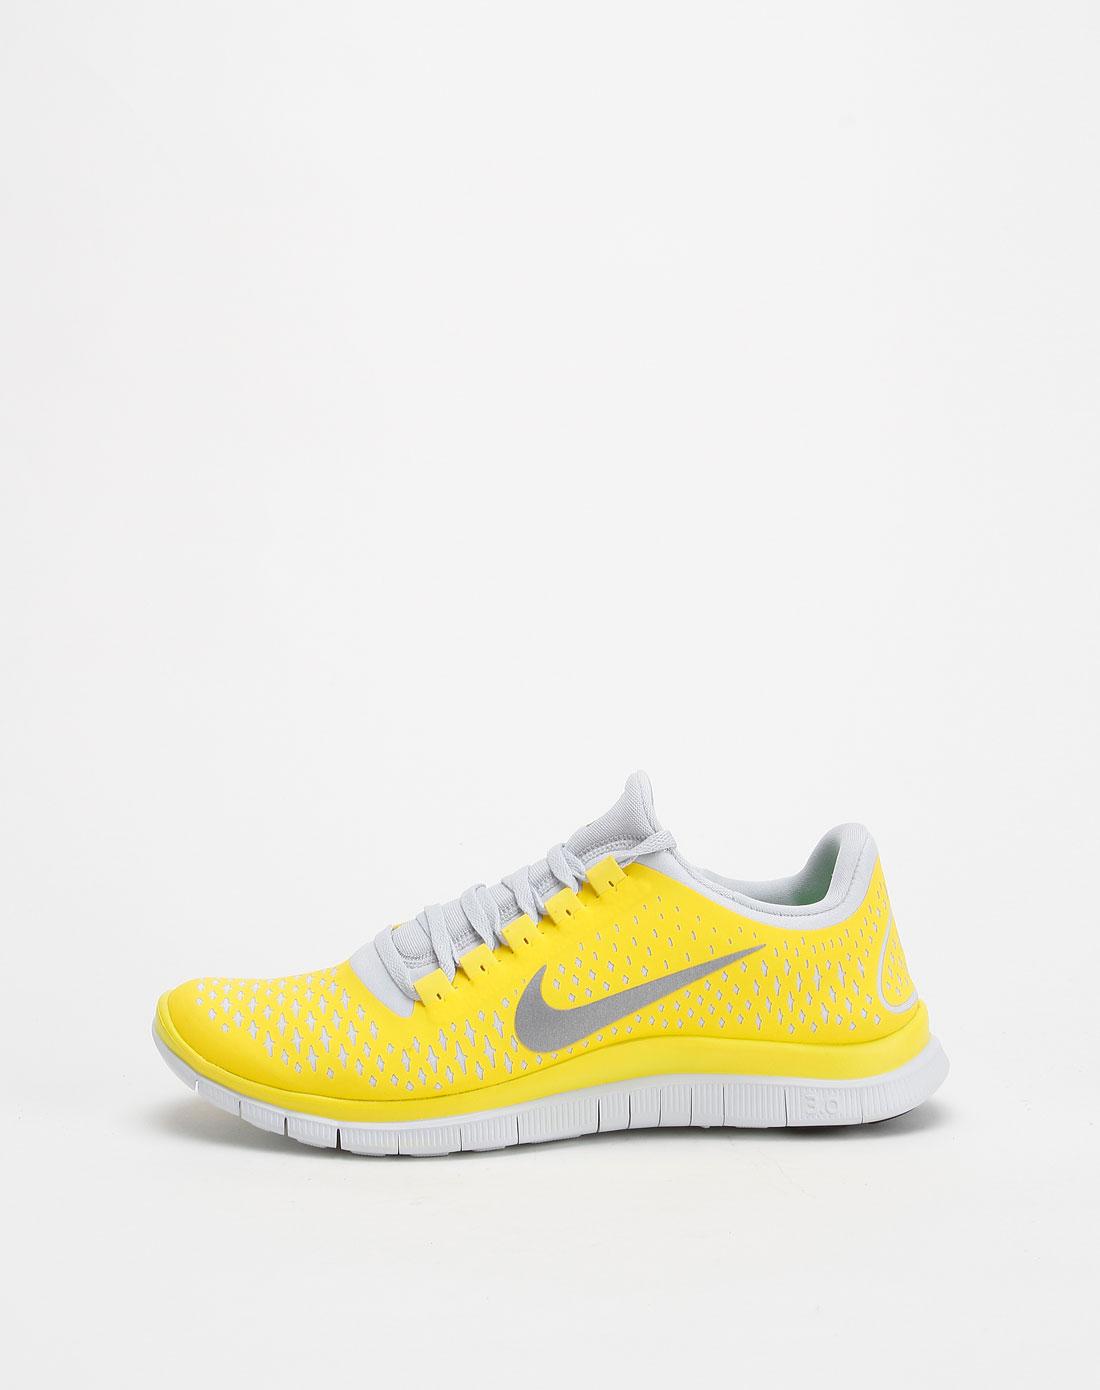 烫印星形花纹明黄银色跑步鞋